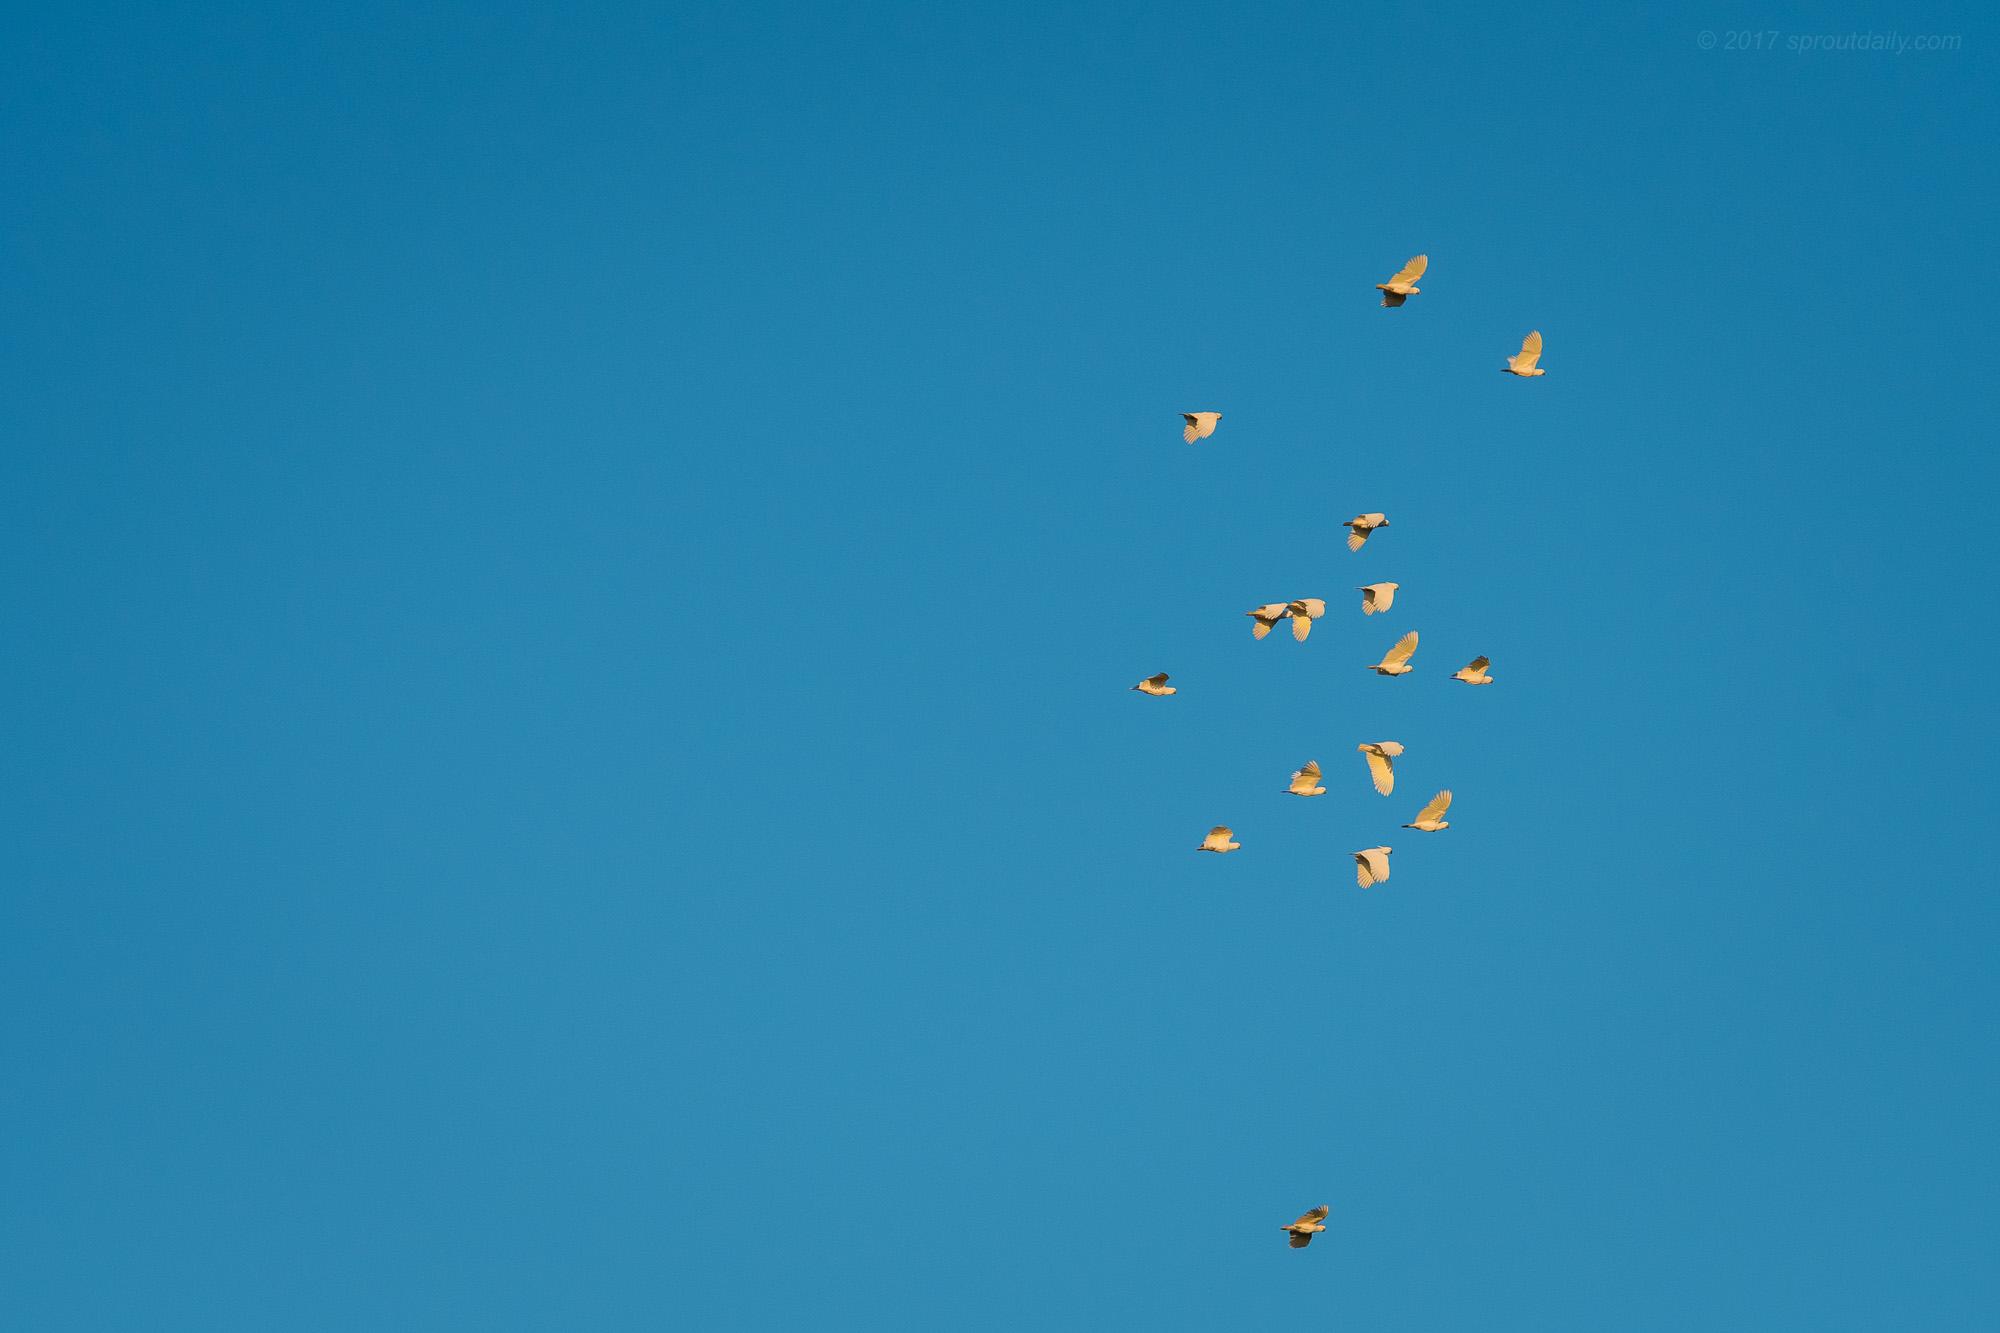 Flying Sulfar